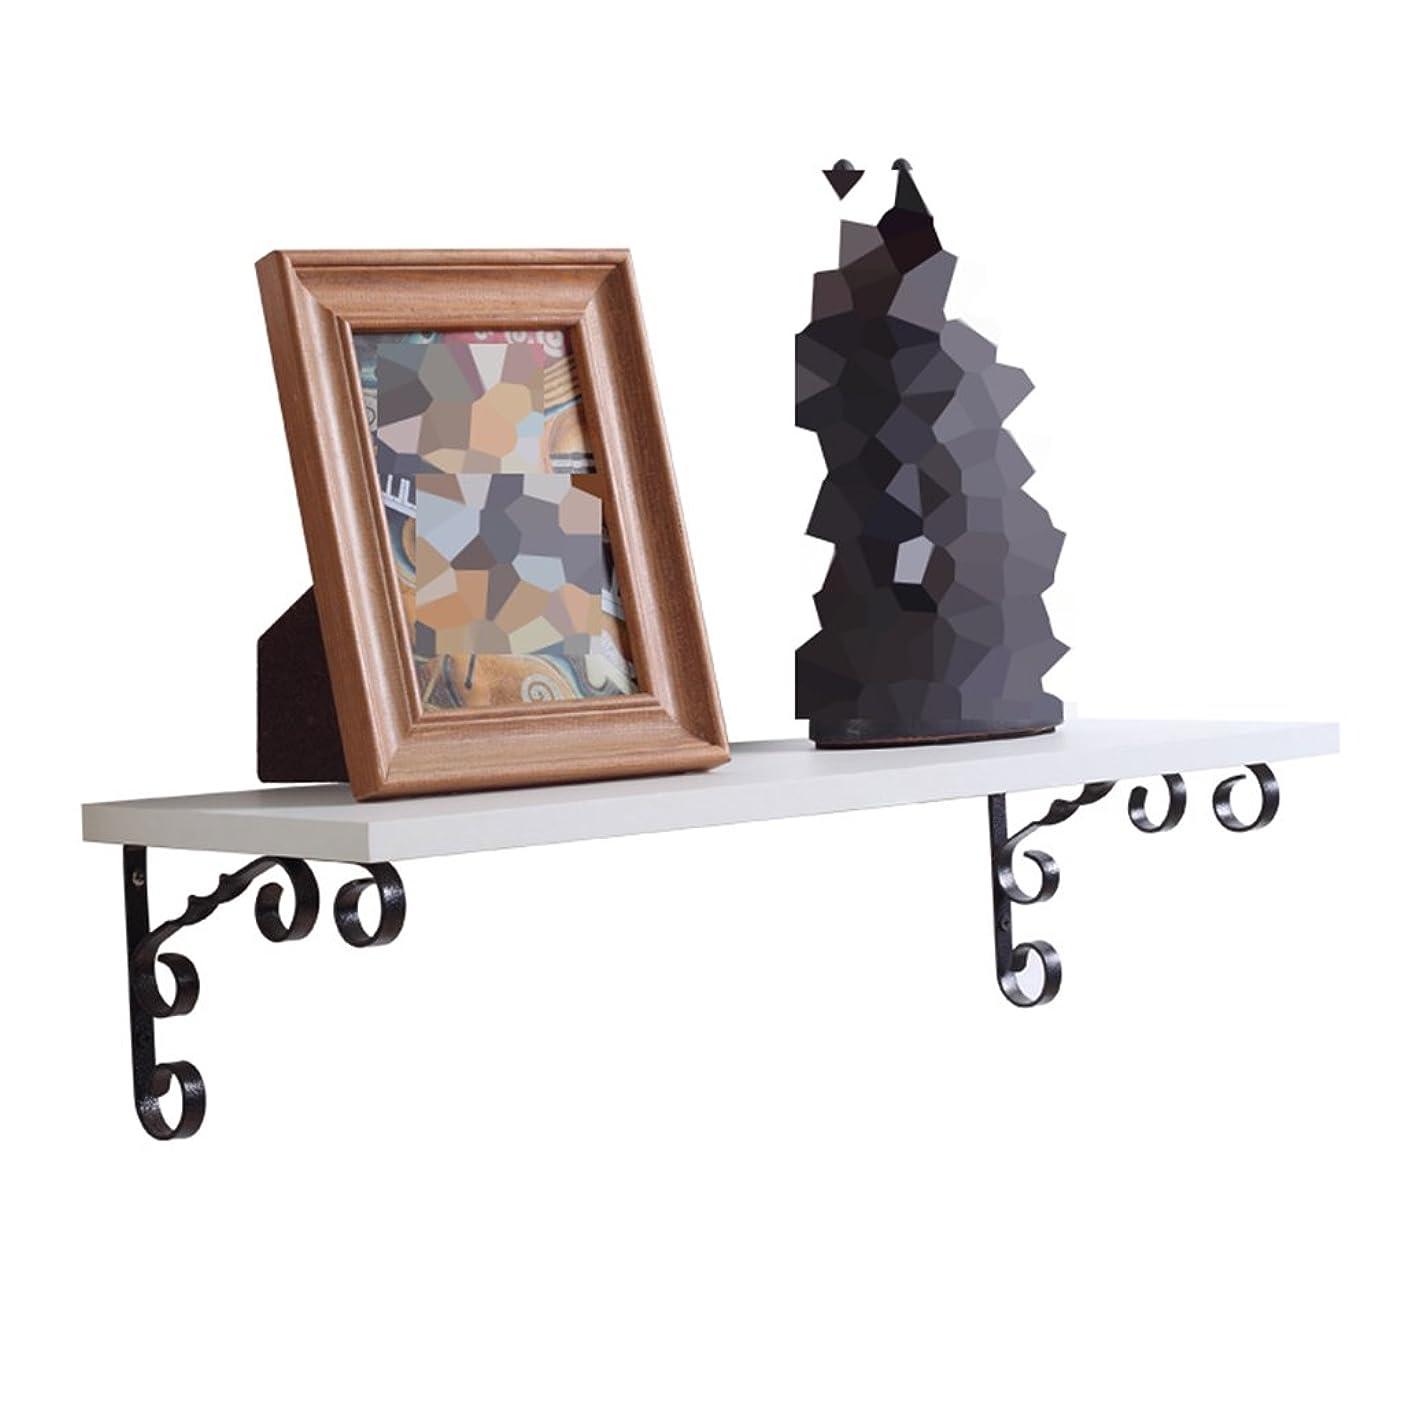 小間シャイジェムアイアンアートラック、シンプルでモダンなエレガントな創造的な寝室のリビングルームの壁の棚、テレビの背景の壁フラワーラック装飾 ウォールマウント (Color : A, Size : 80cm*25cm)